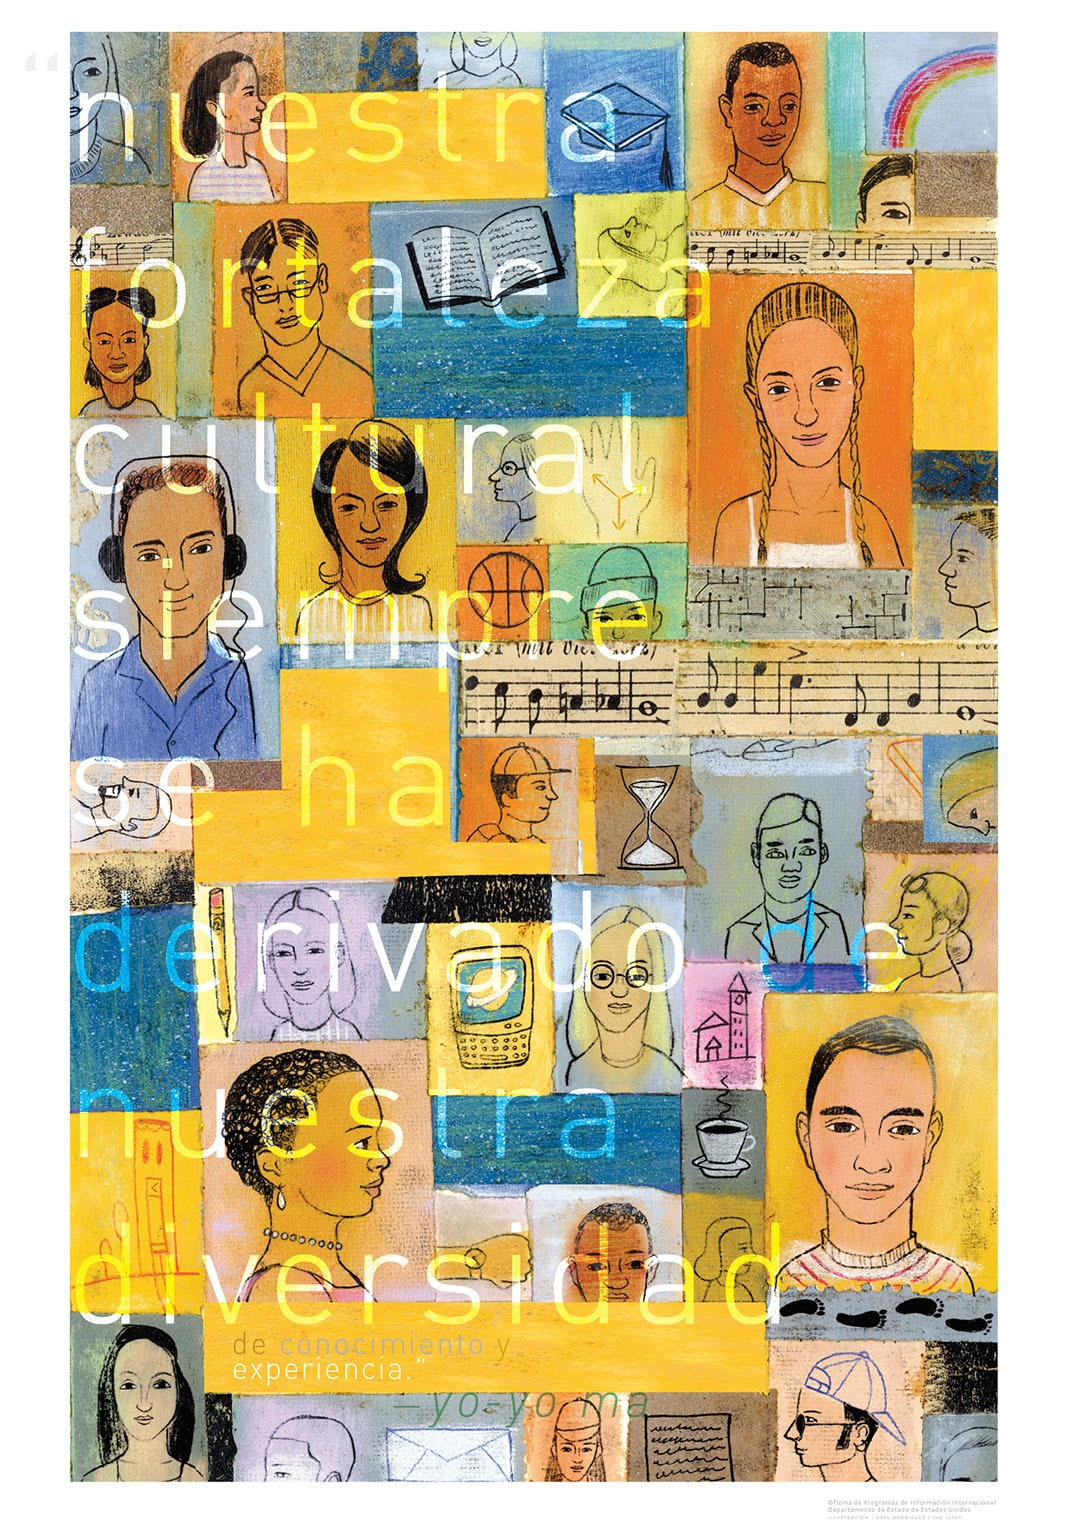 Composición de dibujos de personas y actividades con una cita de Yo-Yo Ma superpuesta (Depto. de Estado)